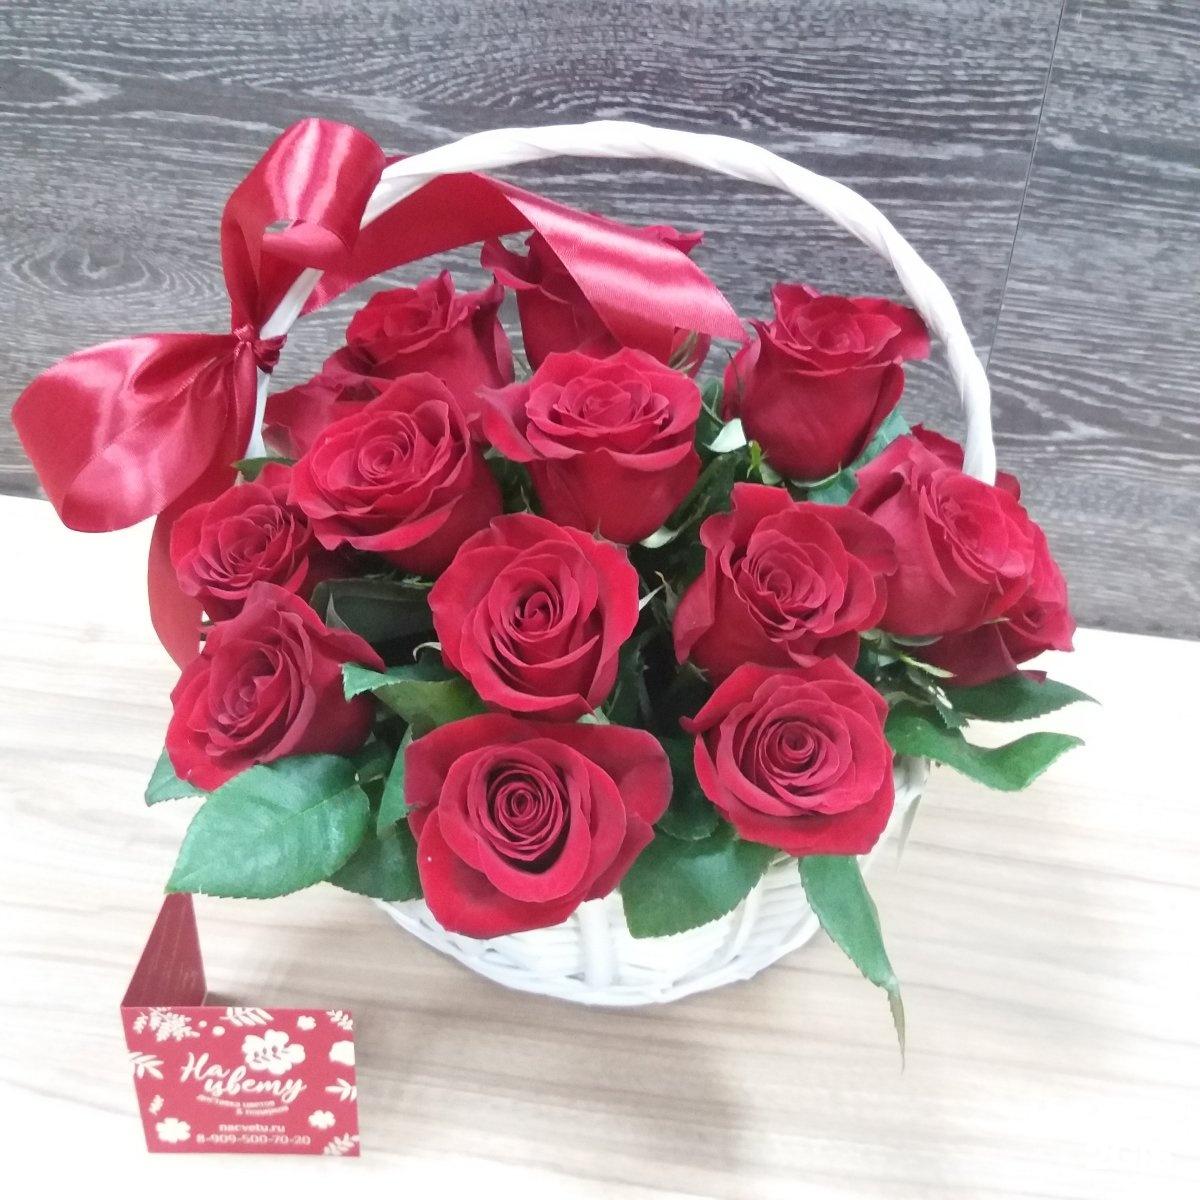 Купить, доставка цветов и подарков в барнауле барнаул